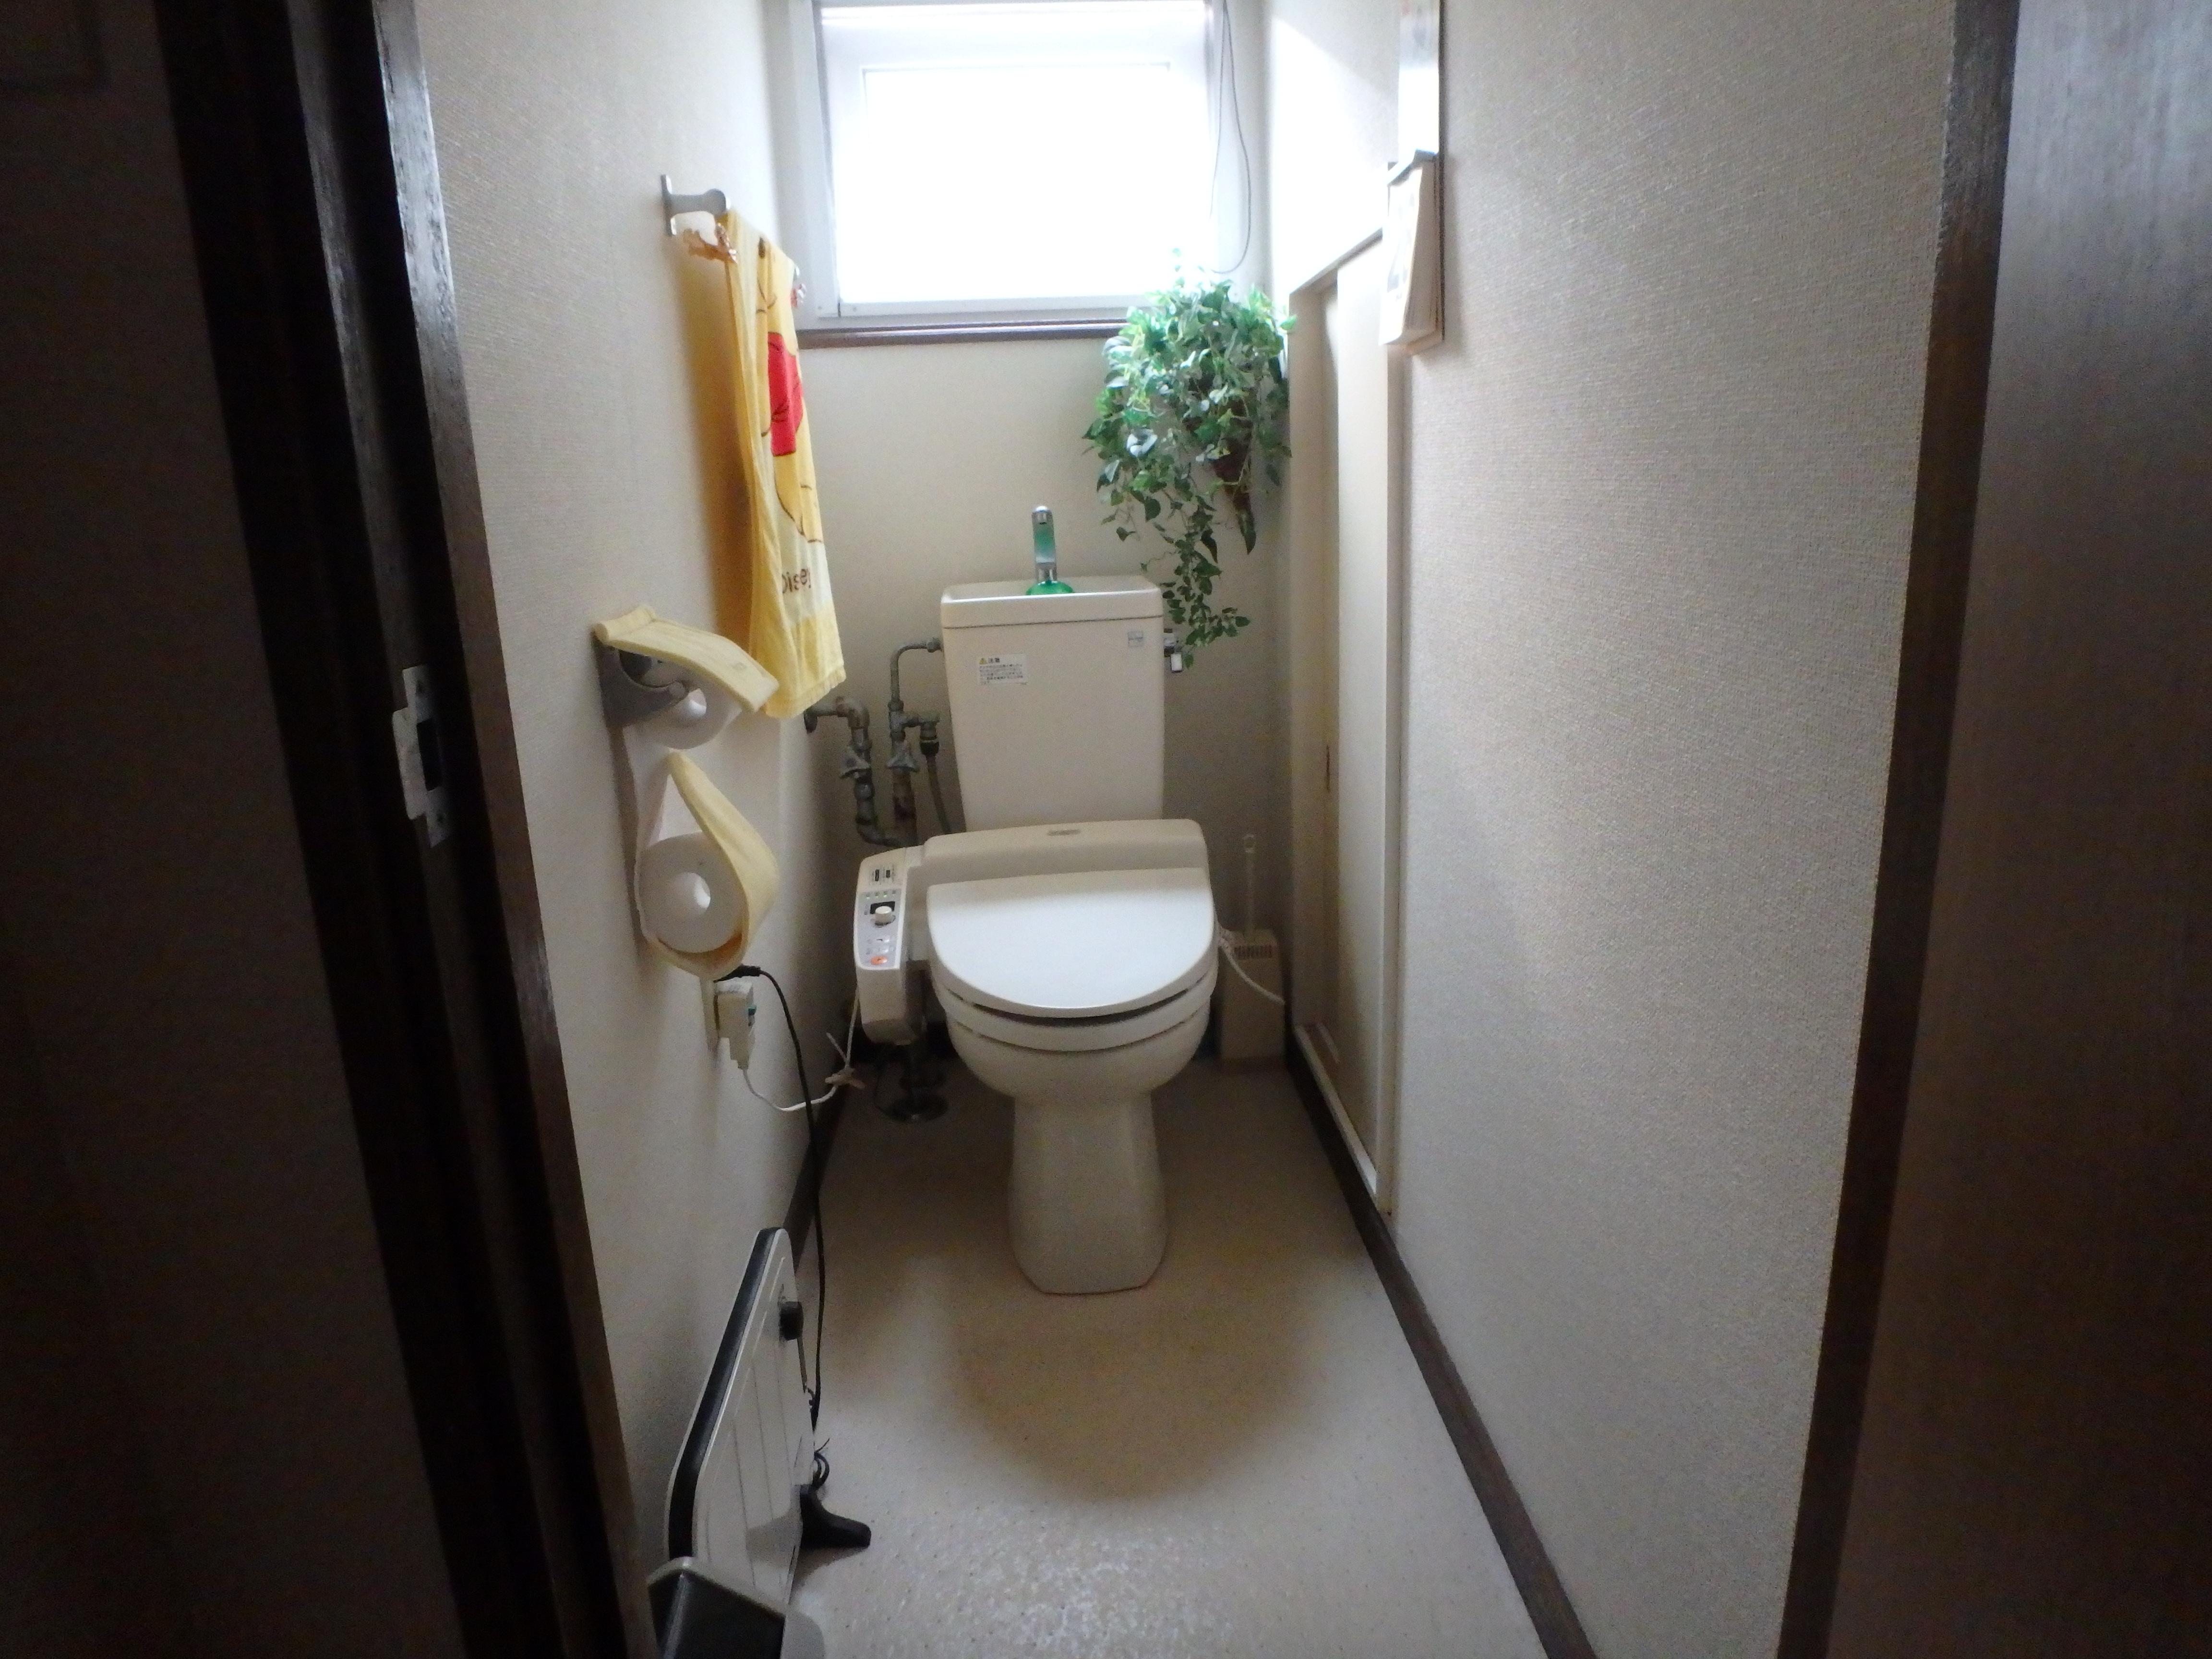 洗浄便座の操作部分で、お掃除が大変でした。<br /> 《ご要望》<br /> ・節水トイレにしたい<br /> ・洗浄便座をスッキリデザインにしたい